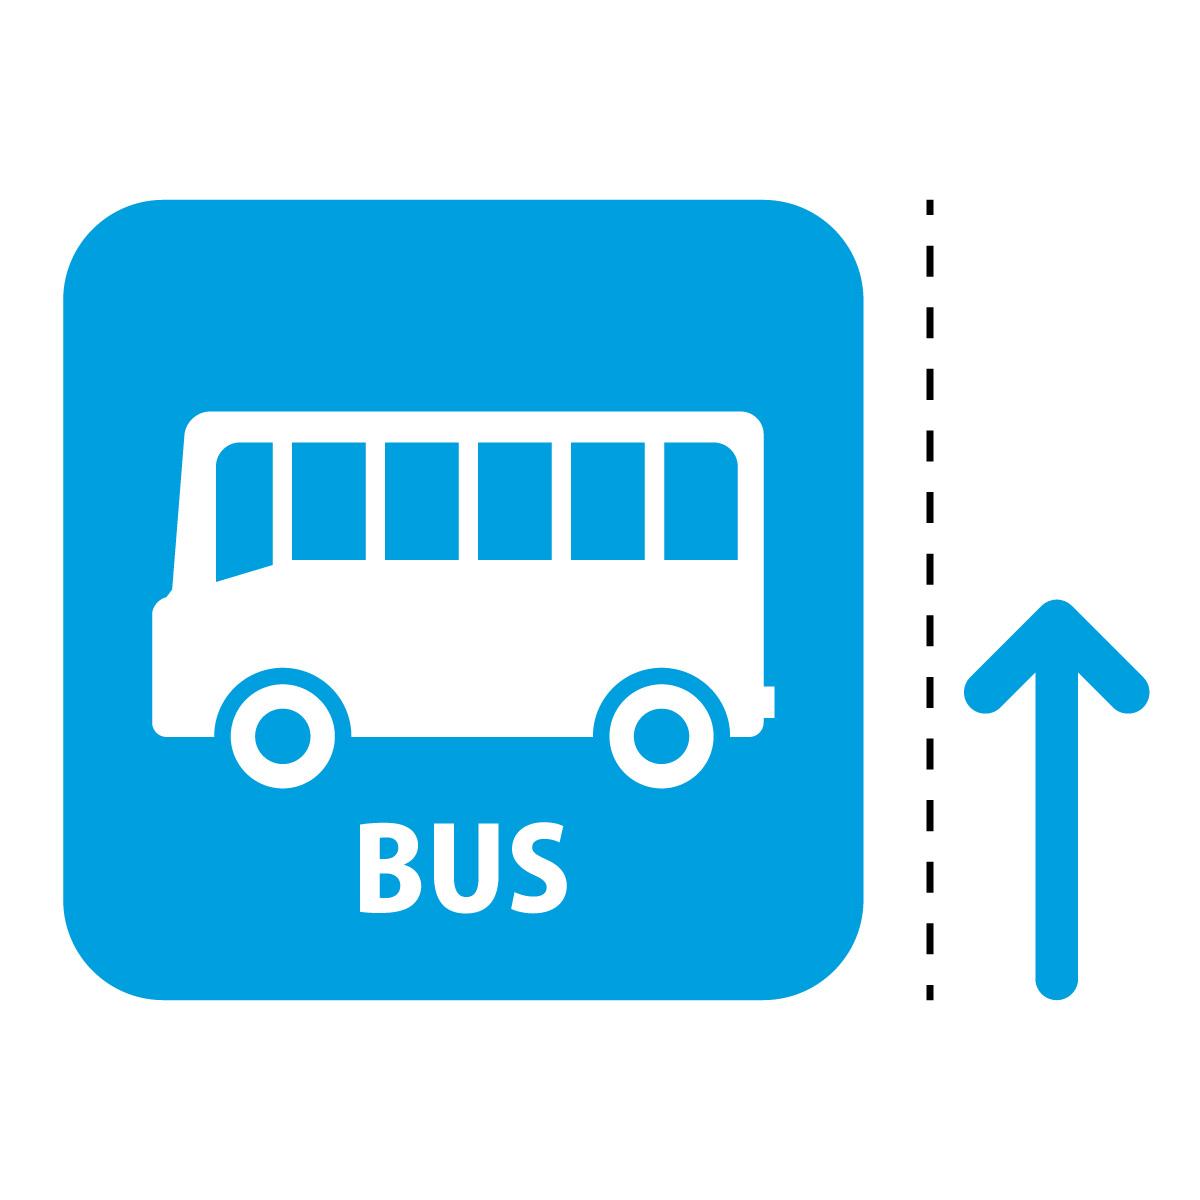 青色のバス案内マーク(矢印付き)のカッティングステッカー・シール